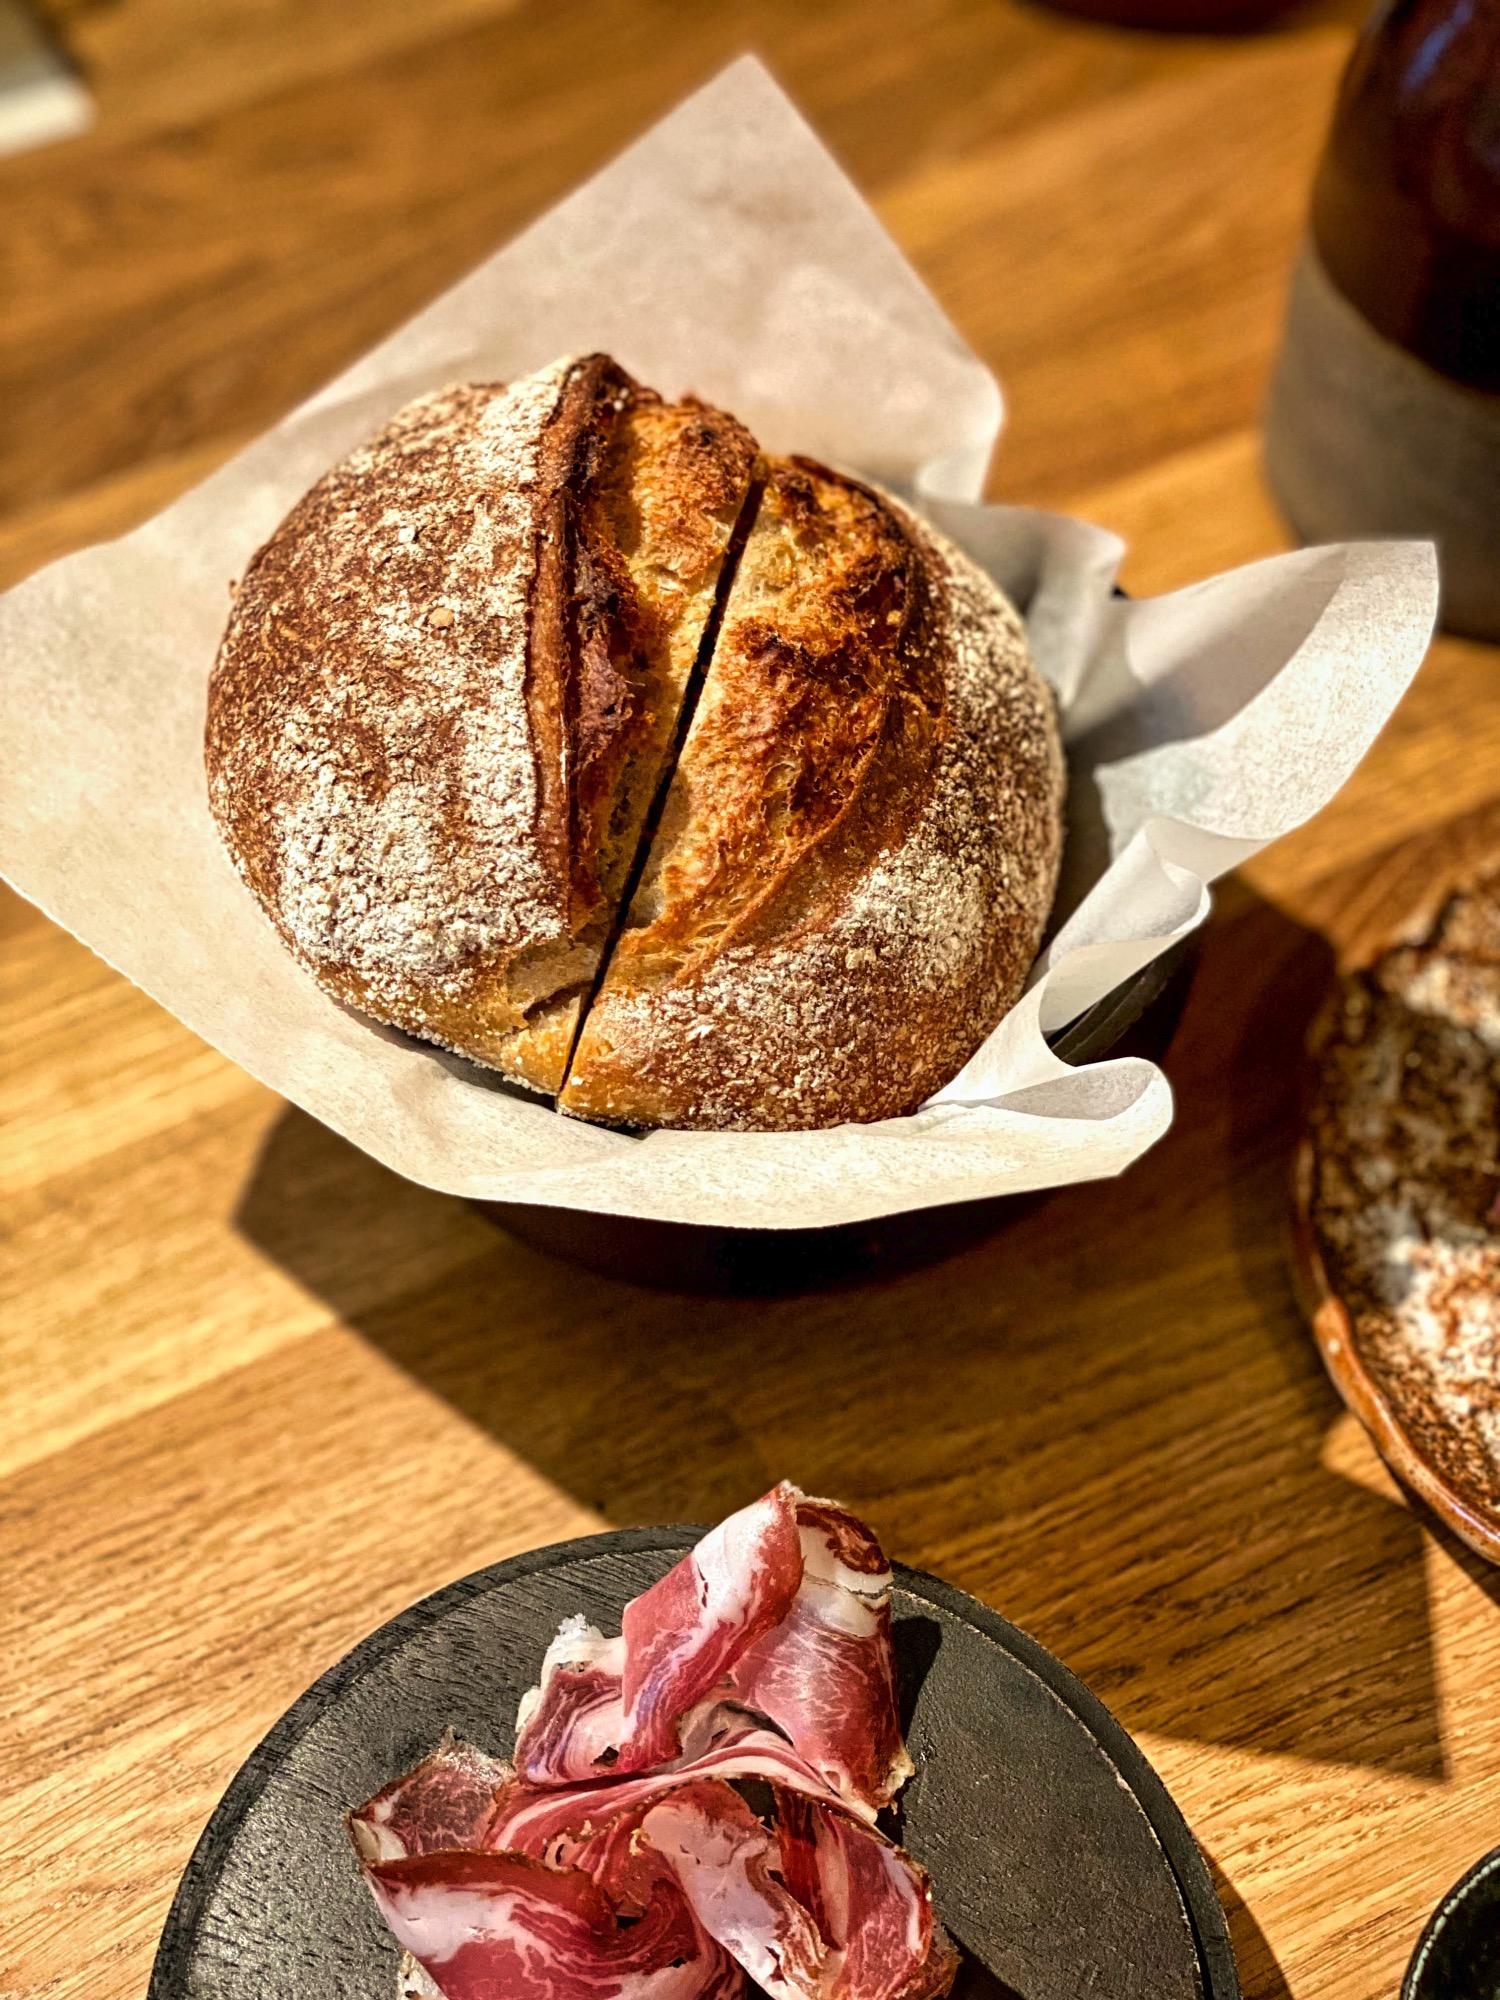 img_5931_salt_budapest_restaurant_jokuti_vilagevo_kenyer_bread_jokuti_vilagevo.jpg